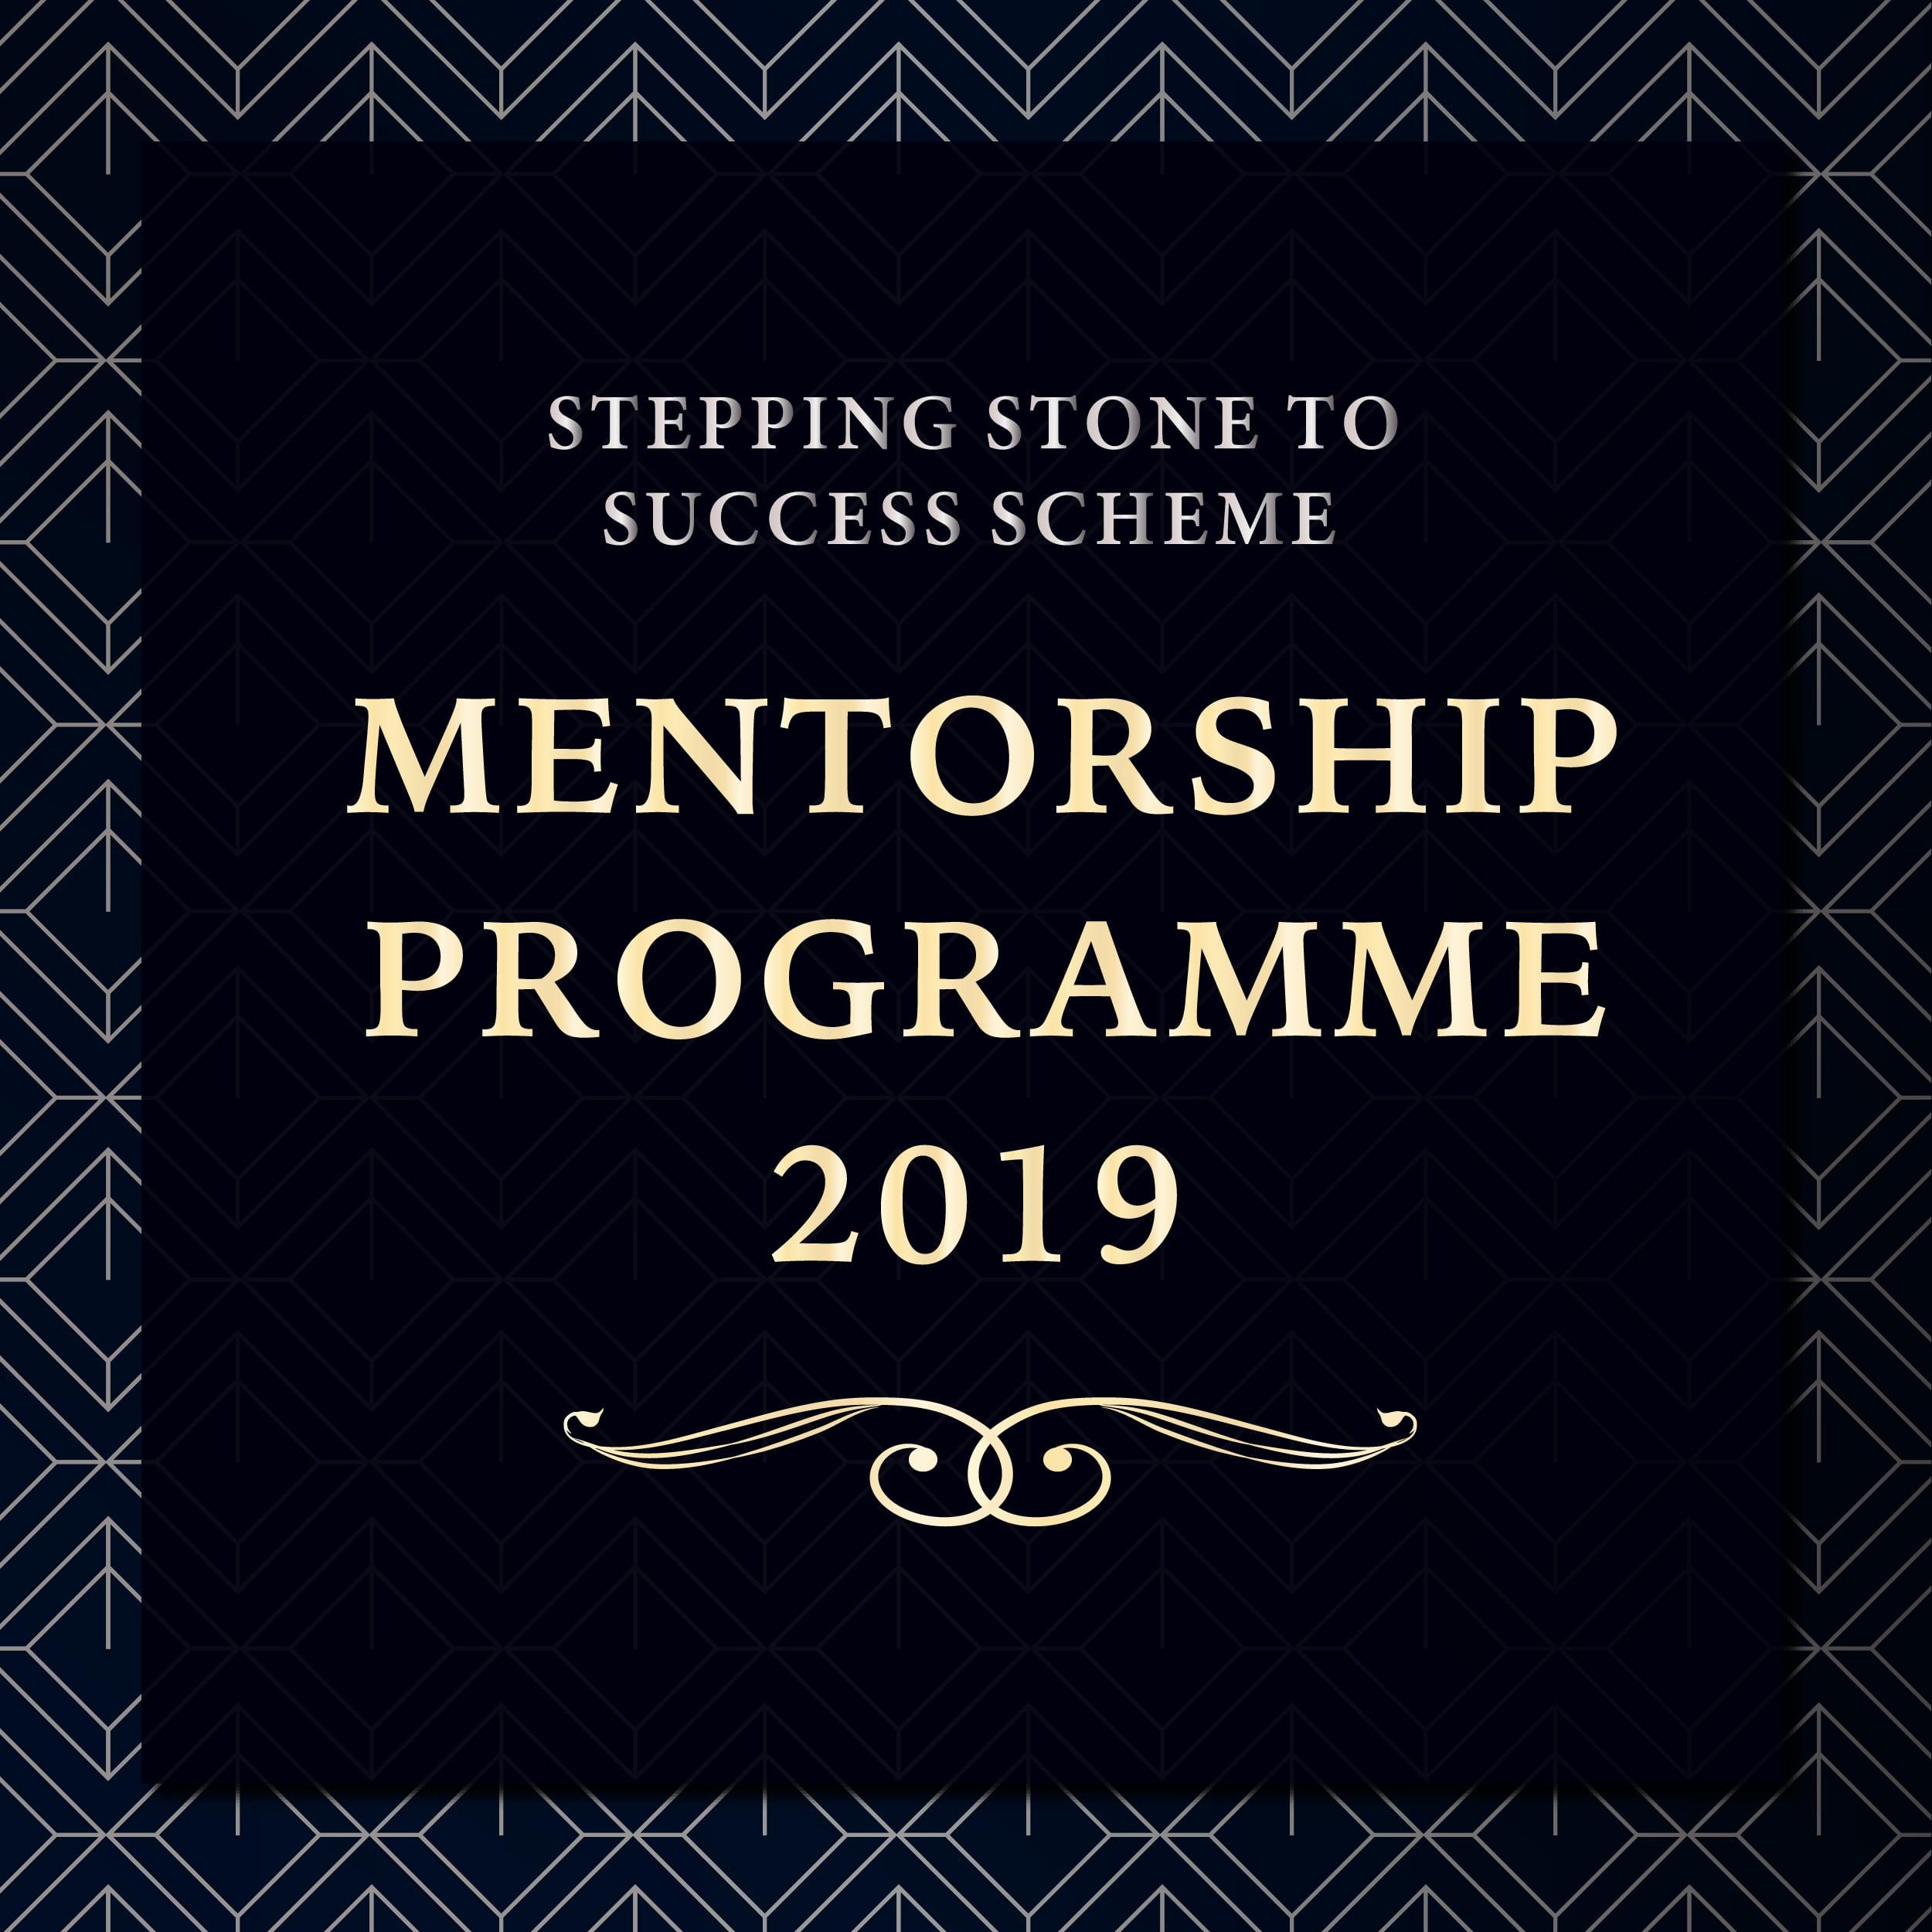 Mentorship Programme 2019